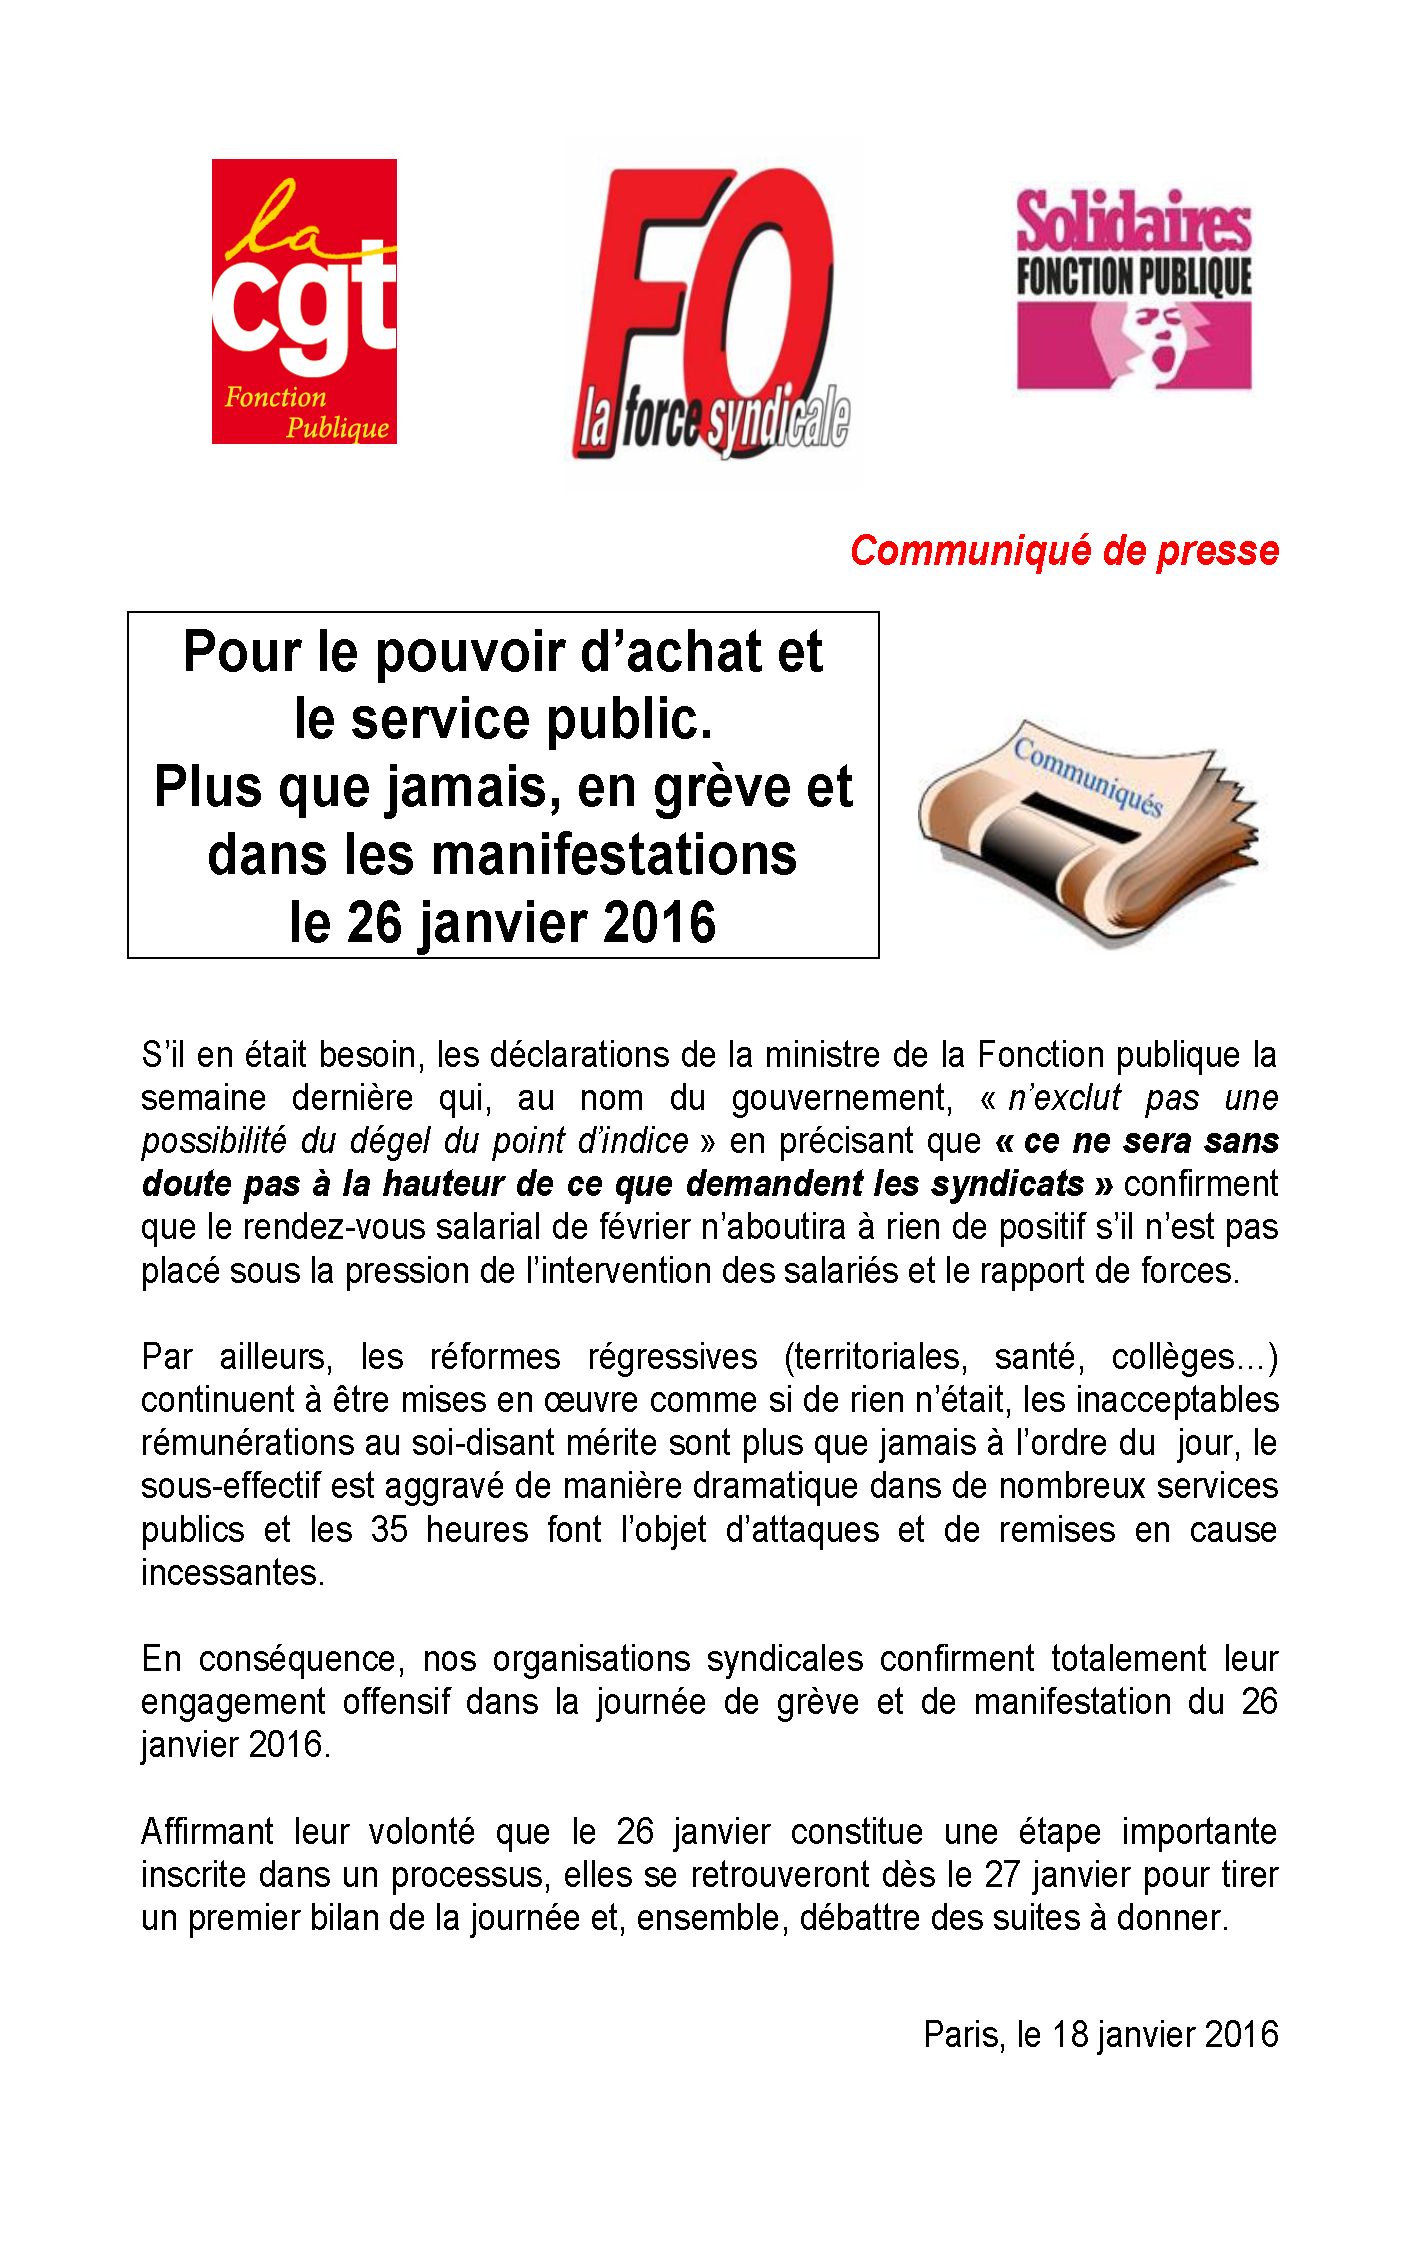 2016-01-18 Déclaration commune FO CGT SOLIDAIRES